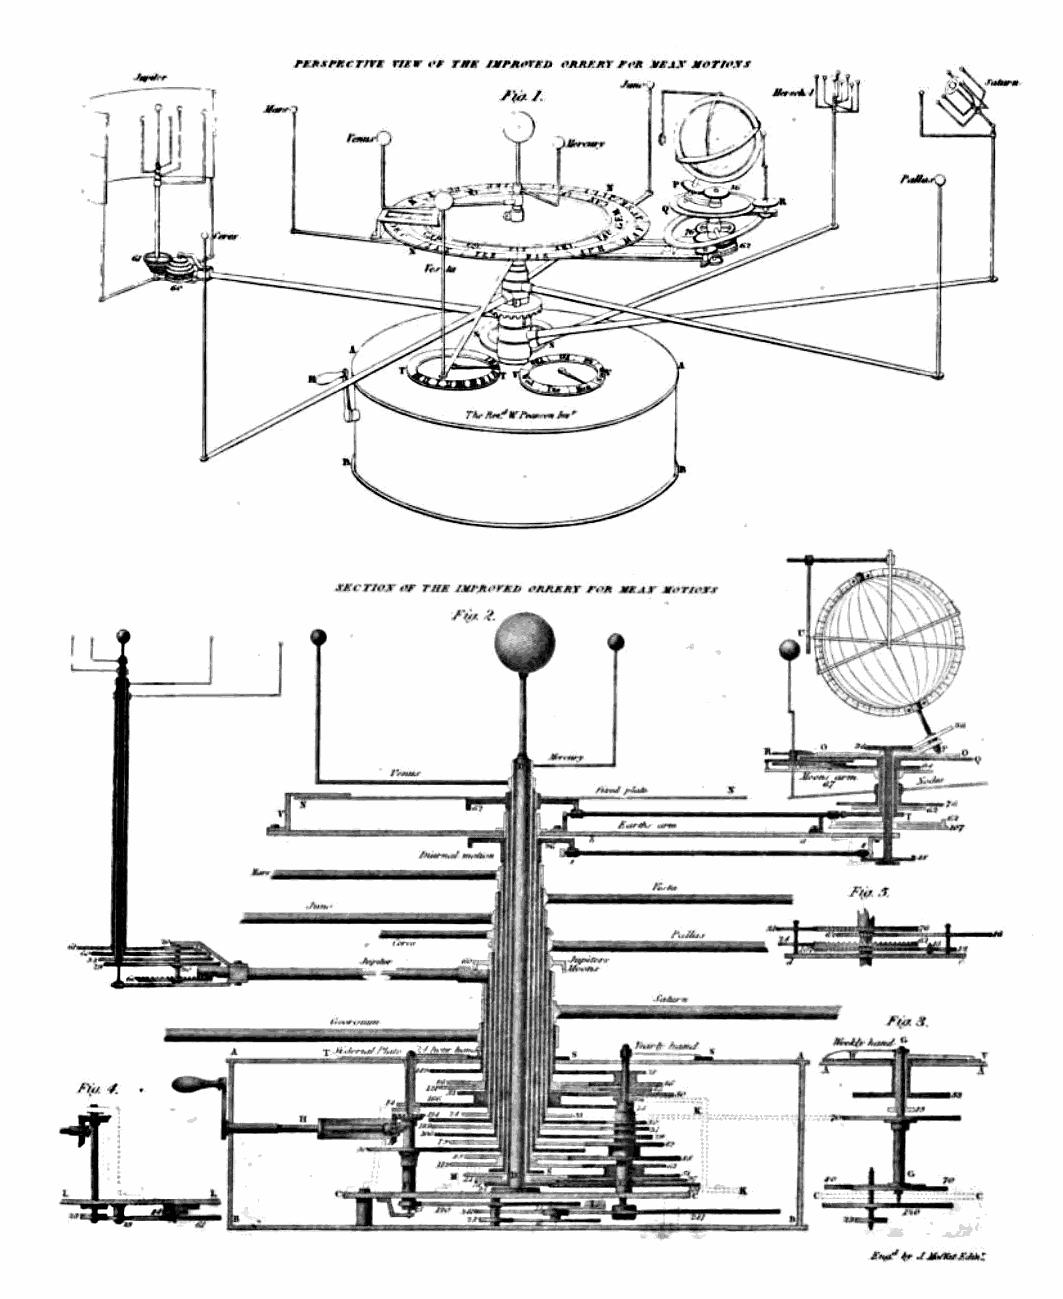 341-4.jpg